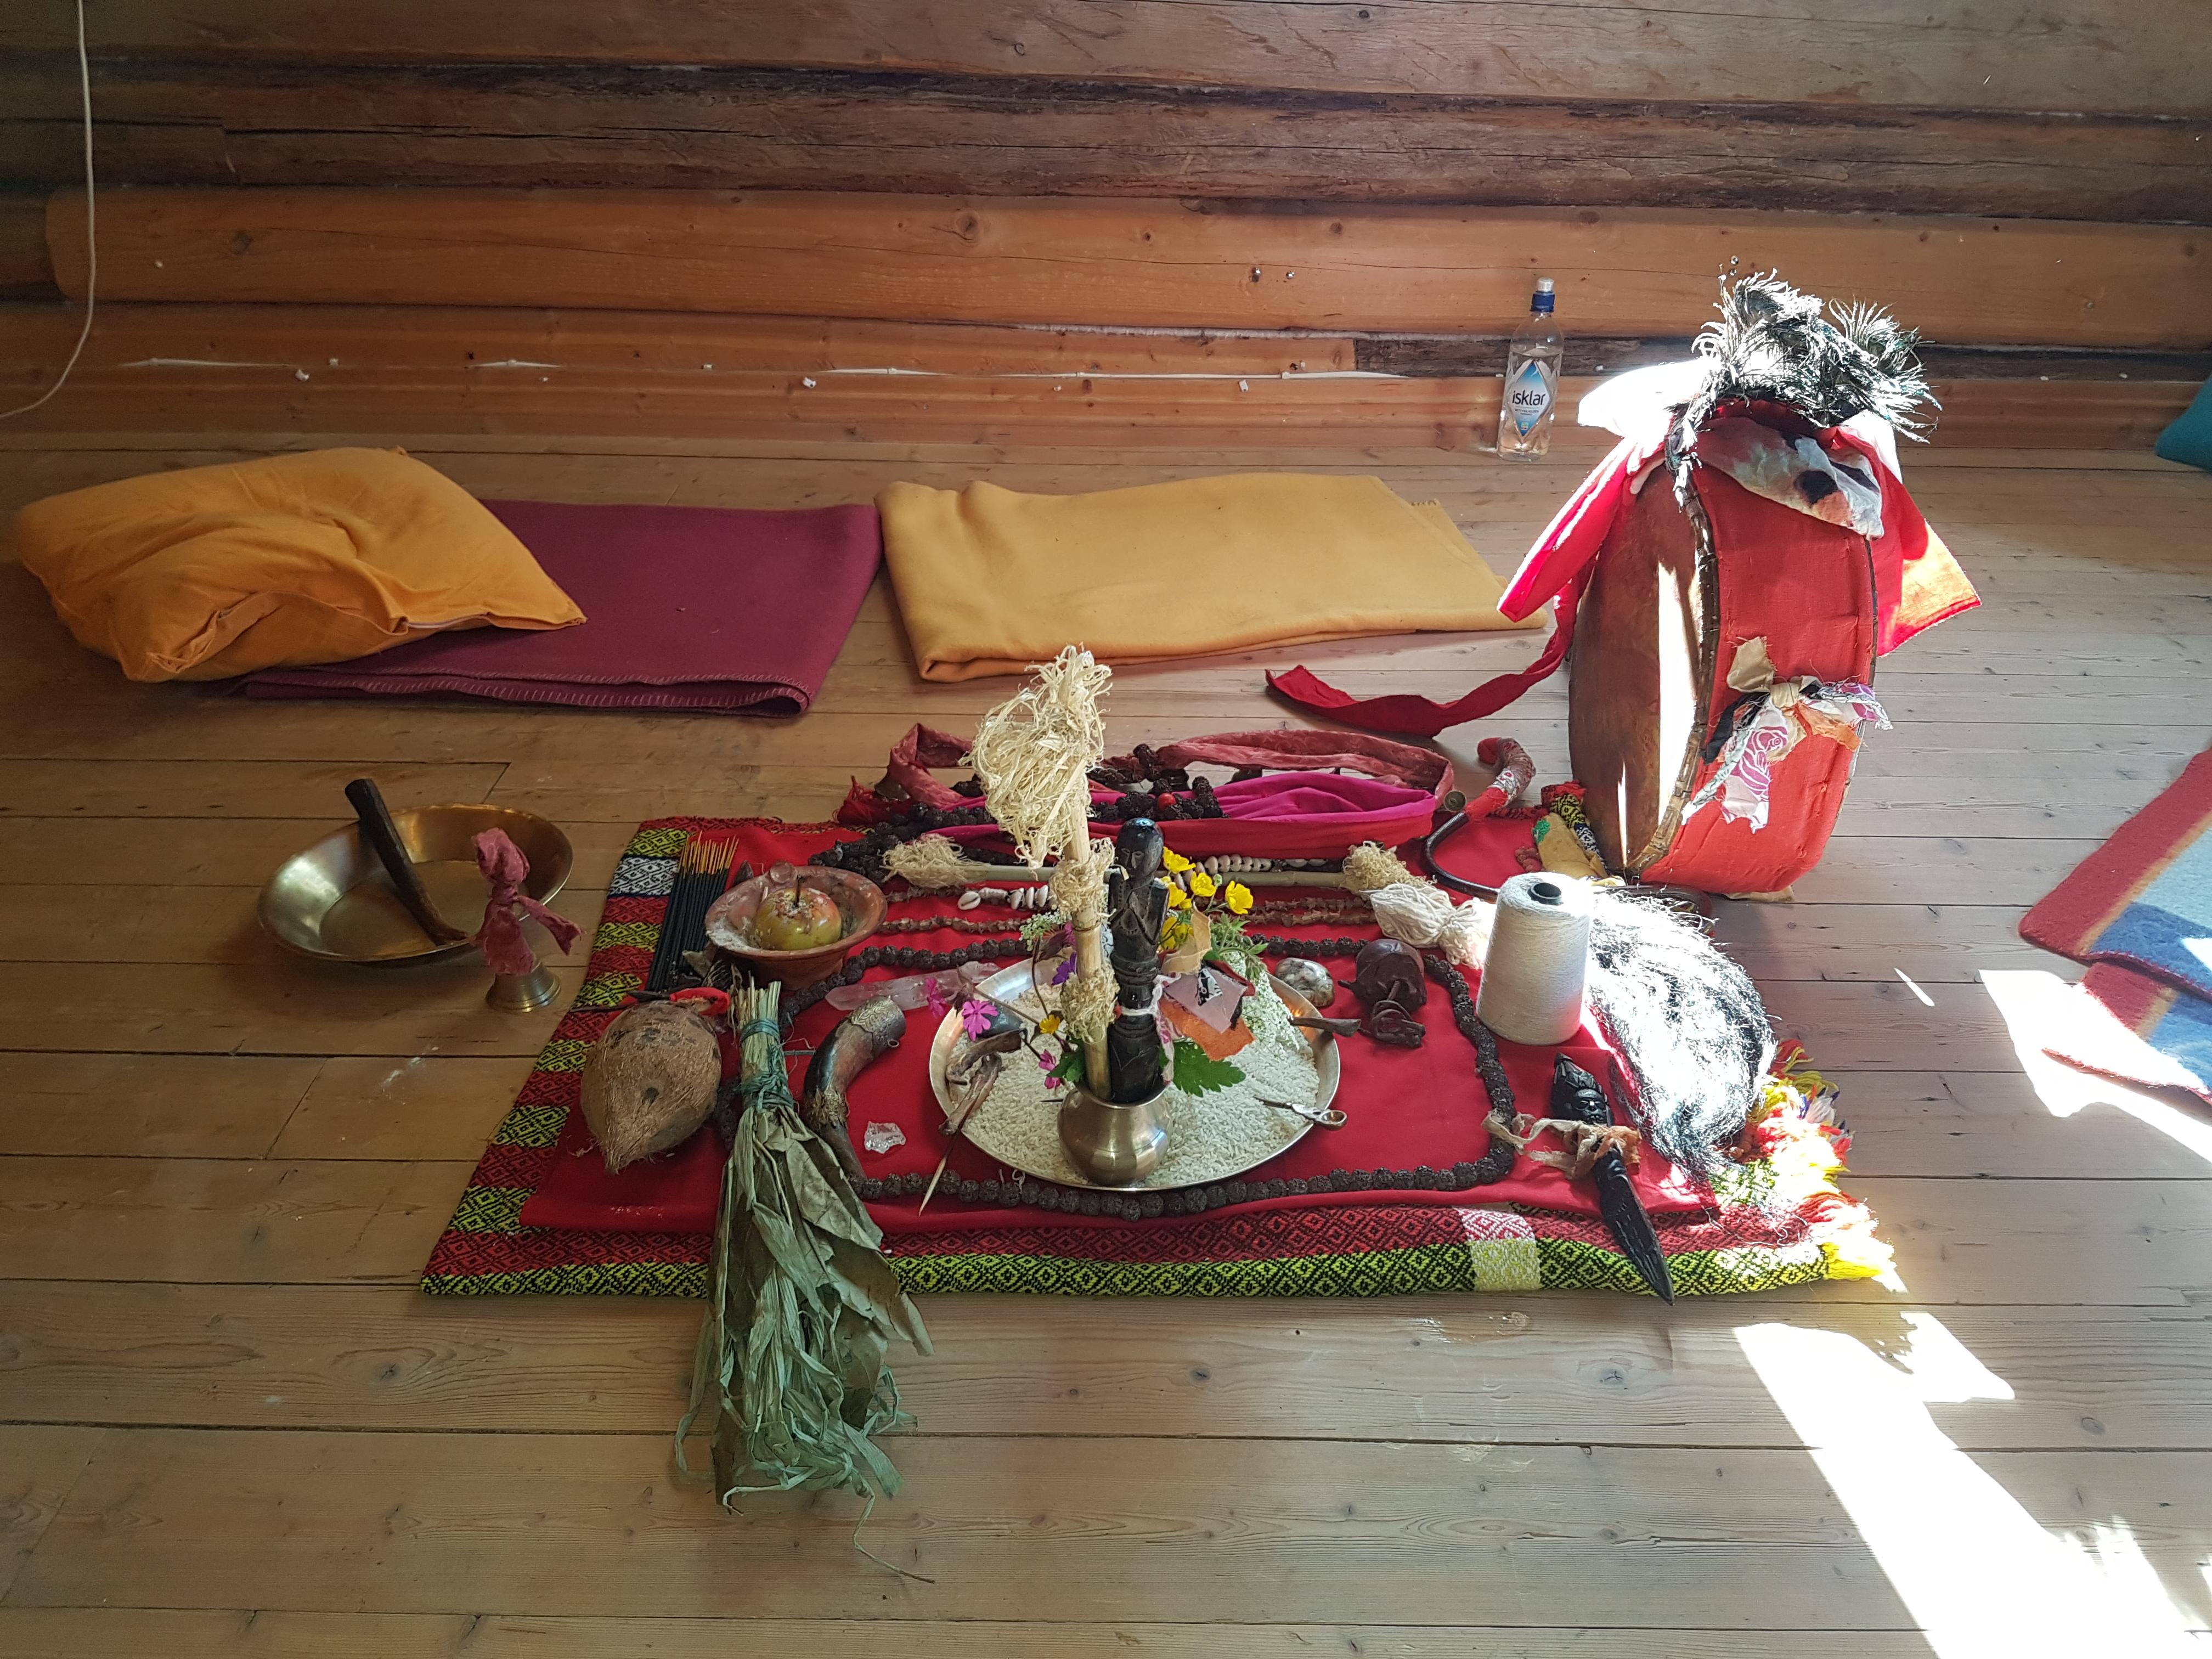 Ritualer med sjamaner